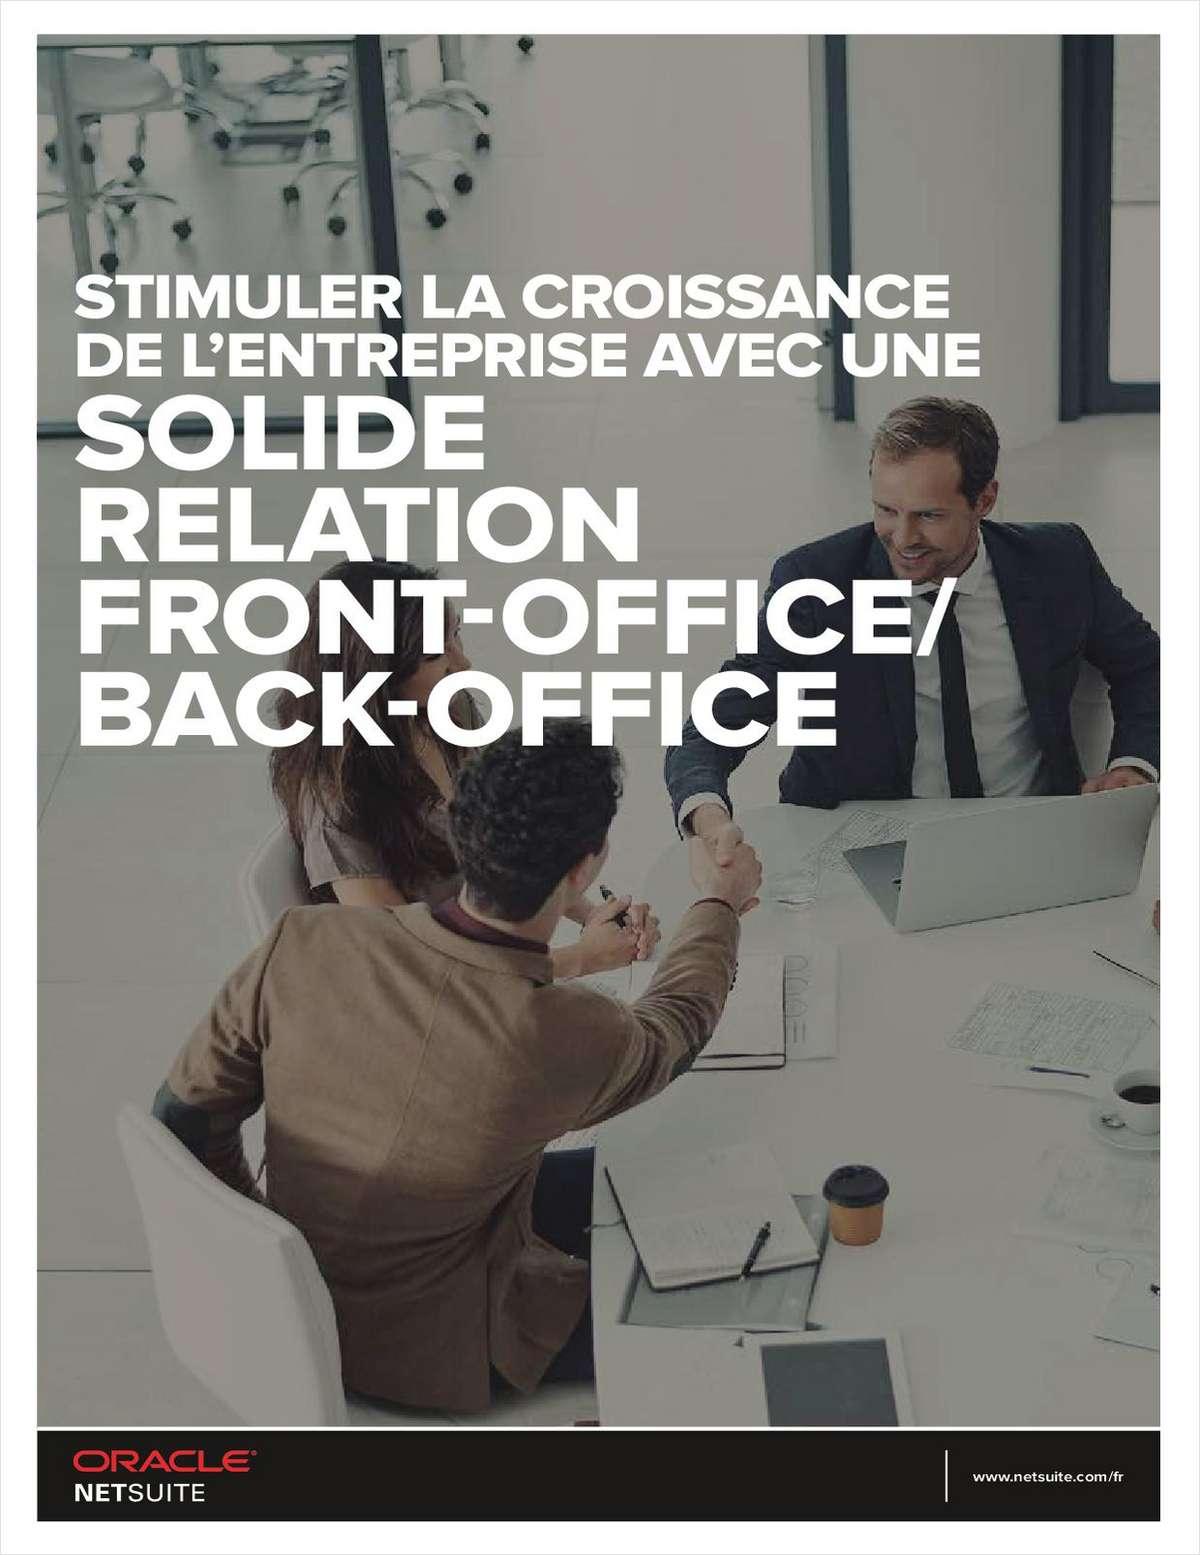 STIMULER LA CROISSANCE DE L'ENTREPRISE AVEC UNE SOLIDE RELATION FRONT-OFFICE/BACK-OFFICE